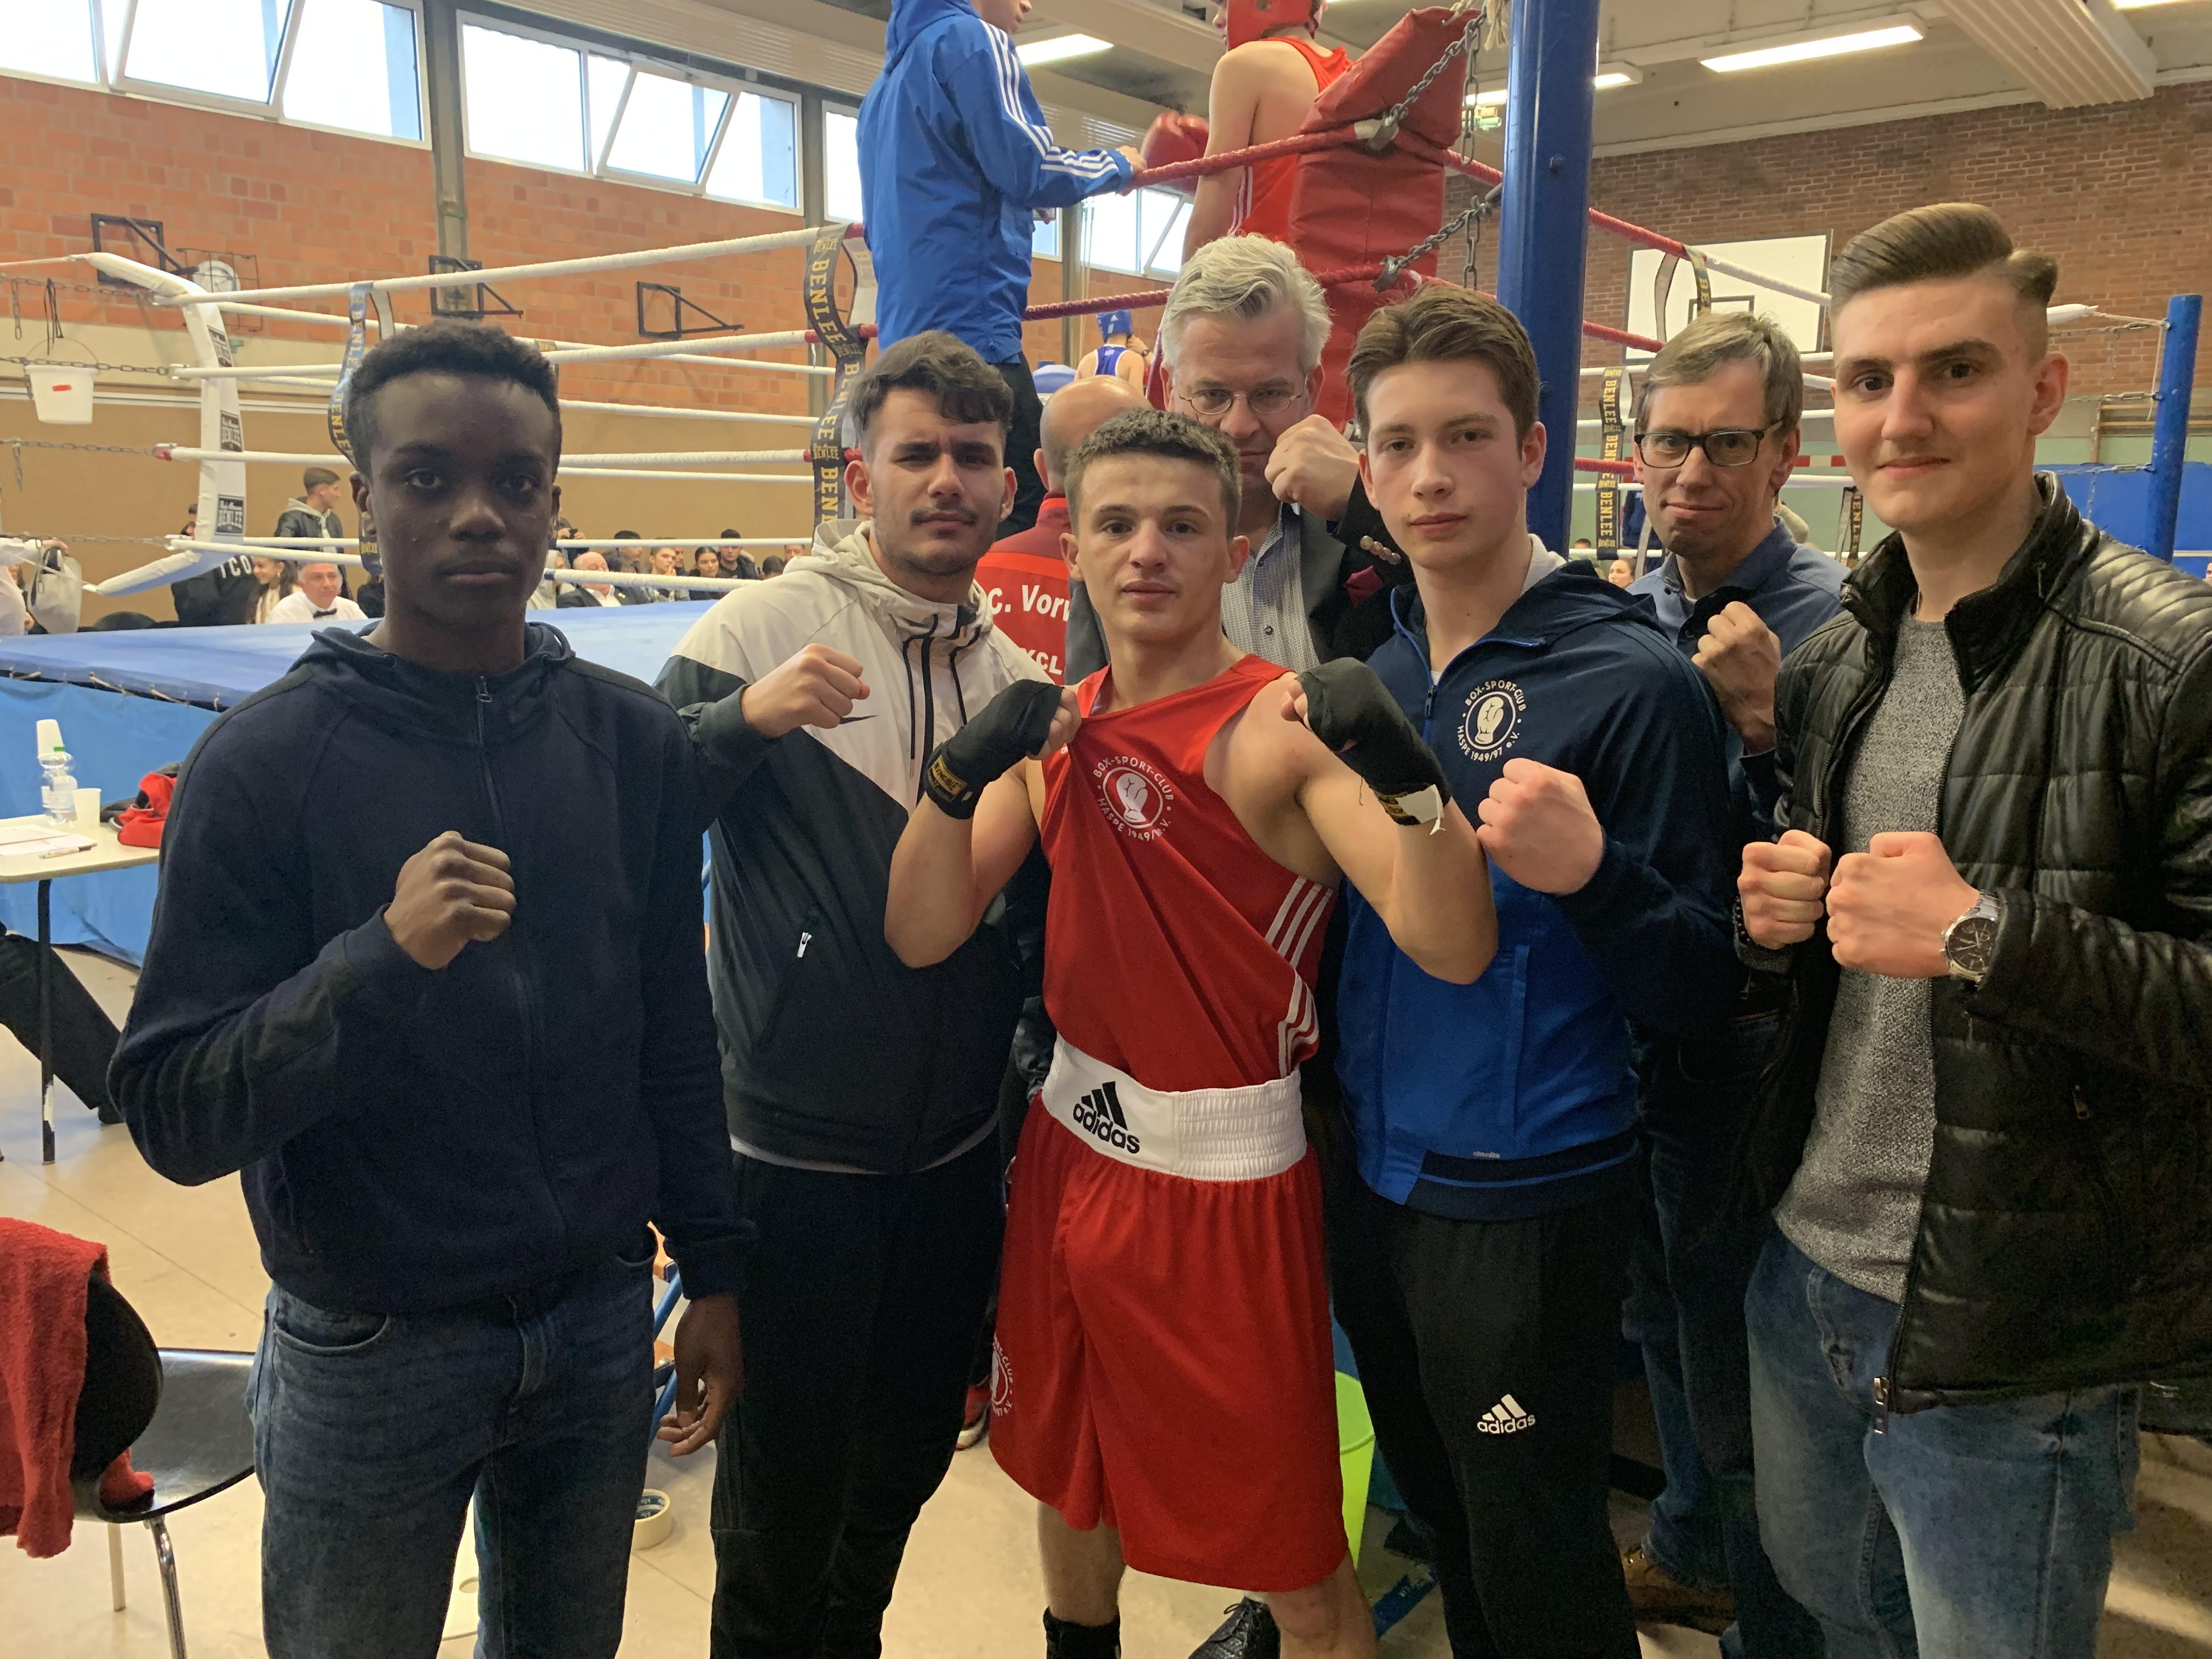 NRW Meisterschaft 2019 Halbfinale